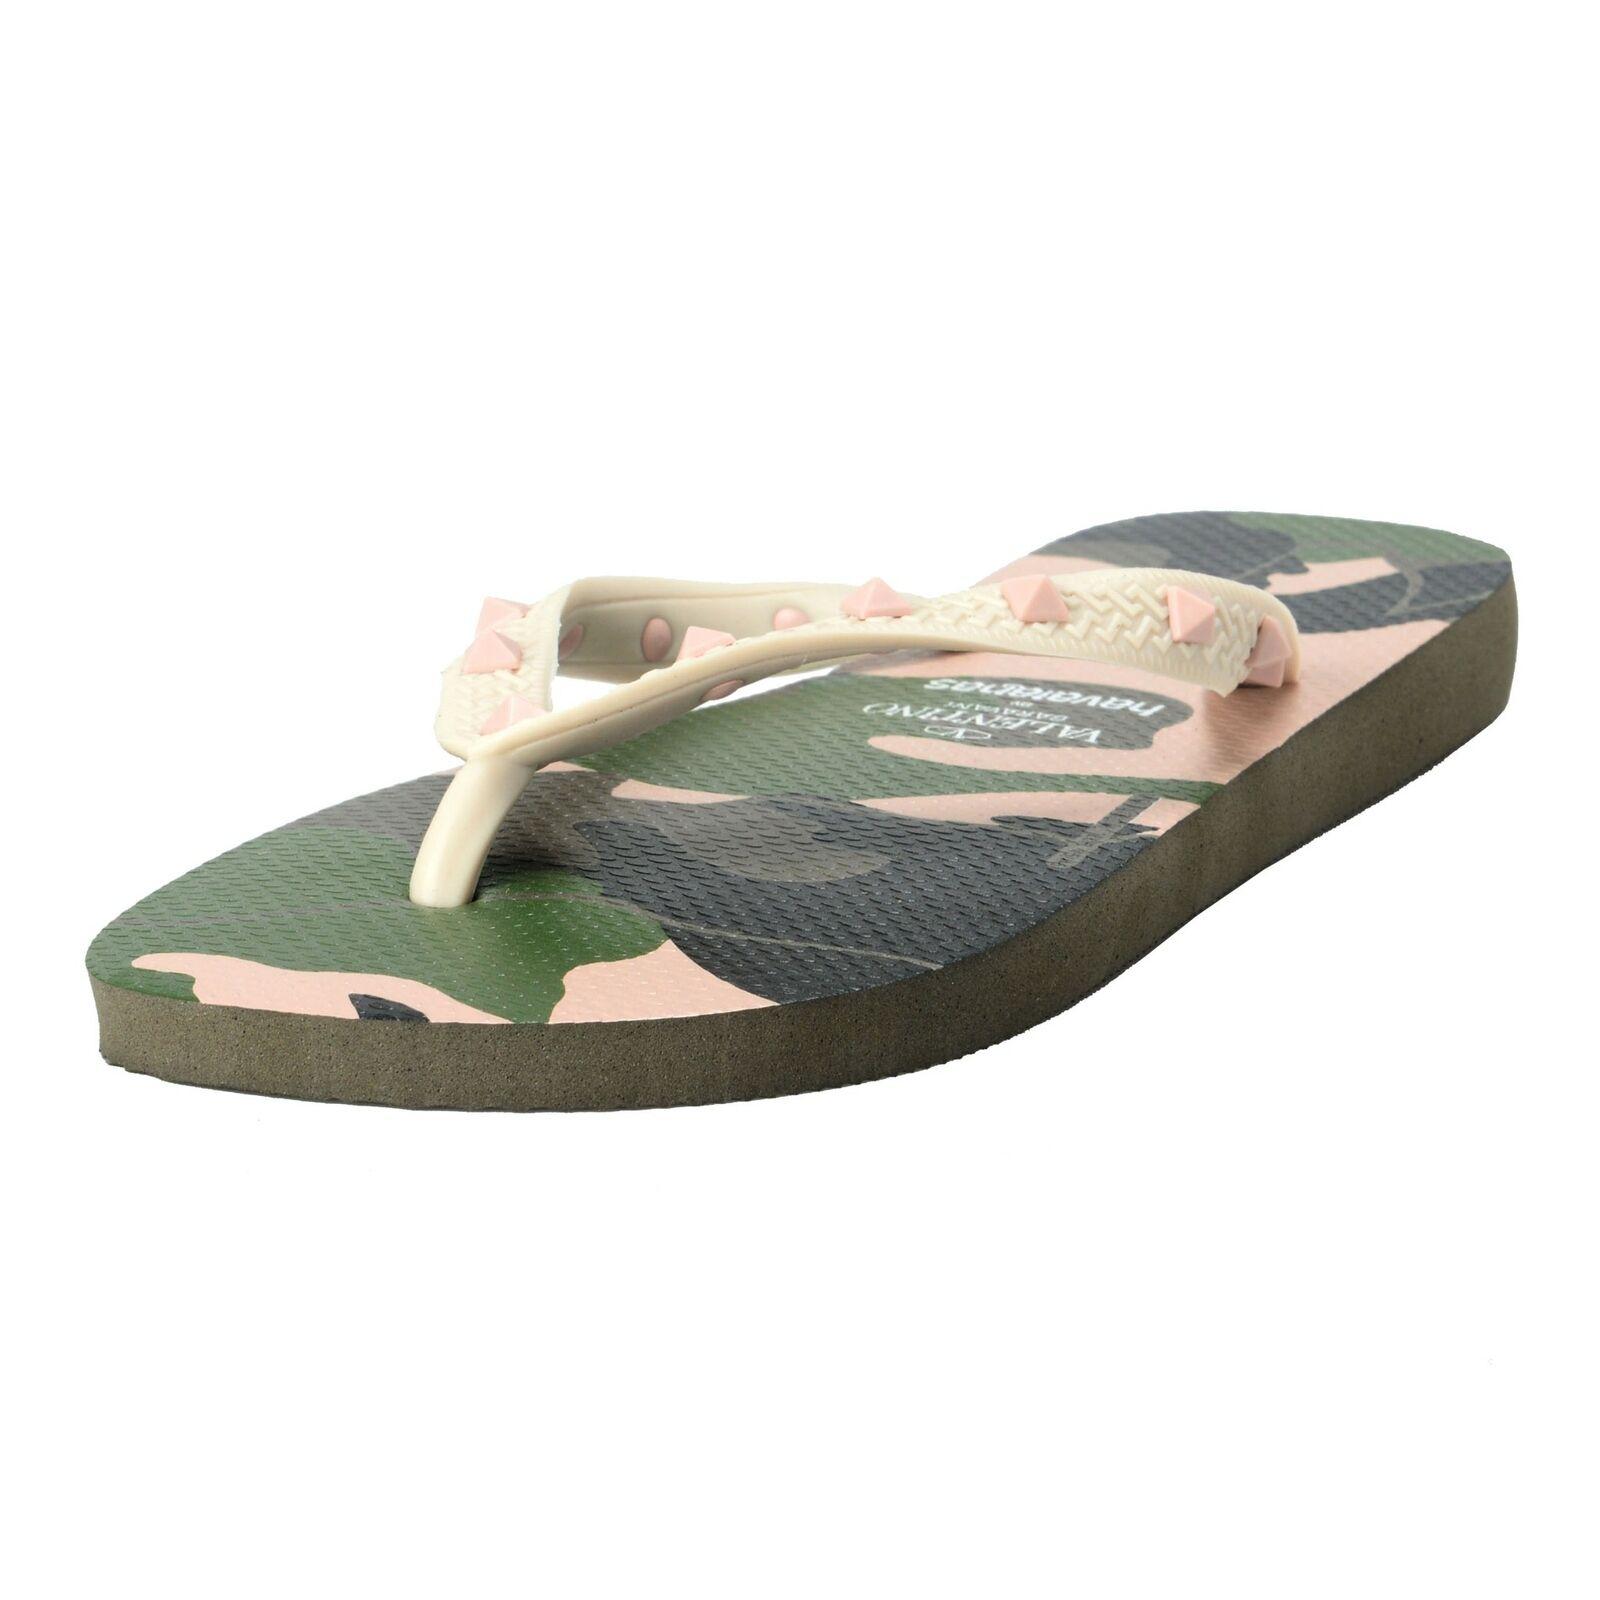 Valentino Garavani por Havaianas Para hombres Zapatos rockstud BEIGE Camuflaje Flip Flops